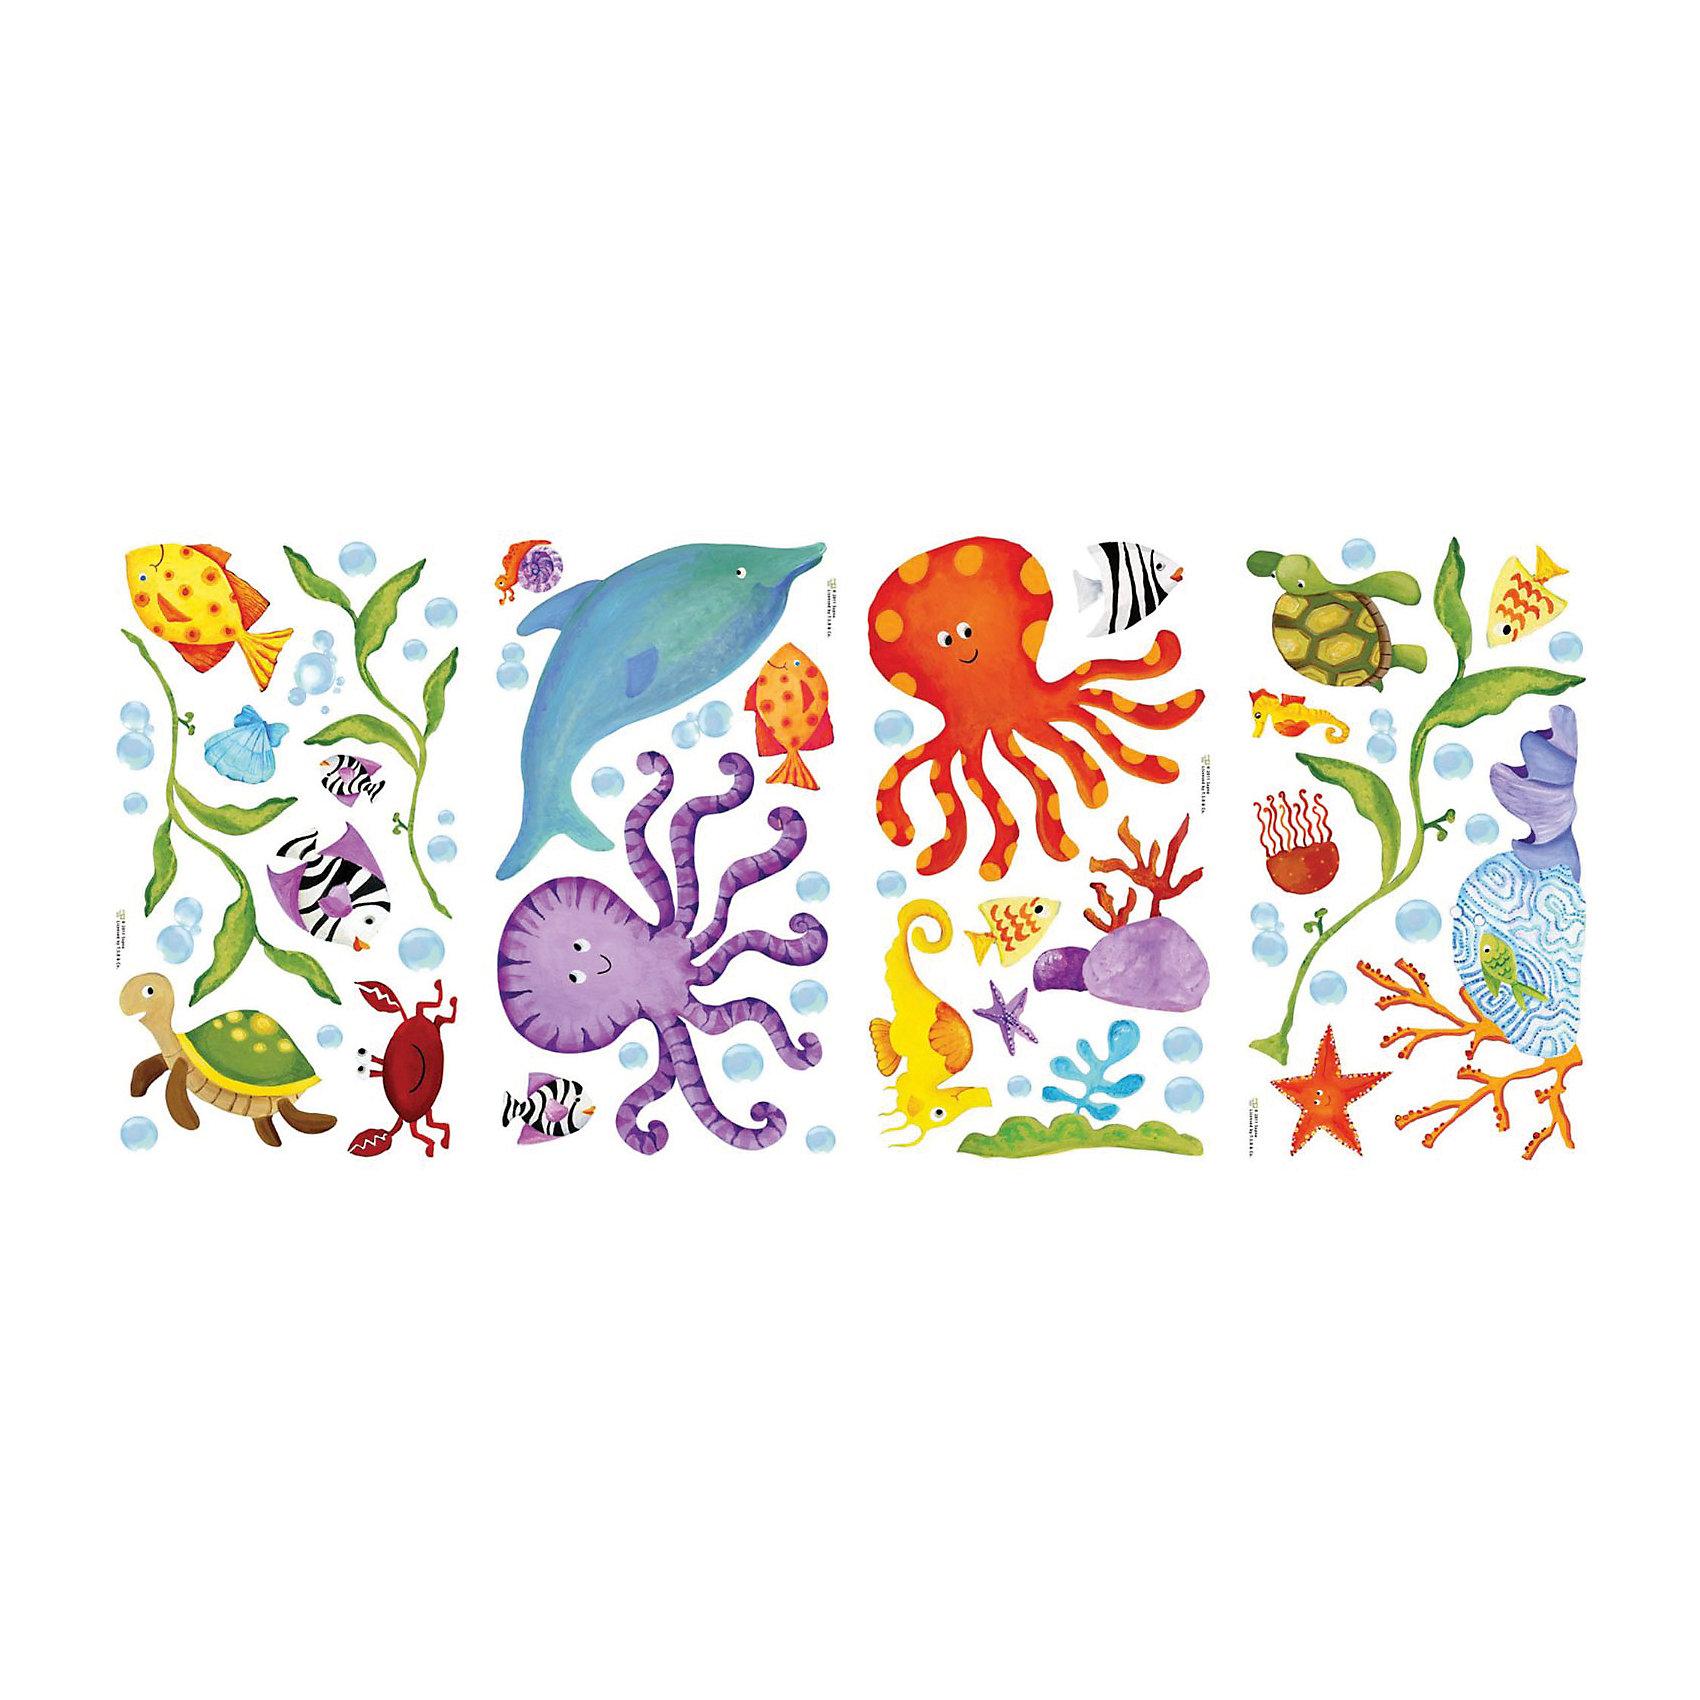 Наклейки для декора Приключения под водойНаклейки для декора Приключения под водой, RoomMates, замечательно подойдут для украшения Вашего интерьера и придадут ему оригинальный и веселый вид. В комплект входят наклейки с изображениями дельфинов, рыбок, черепашек и других забавных морских обитателей (всего в наборе 4 листа с наклейками). Наклейки просты в применении и подходят для многоразового использования. Освободите выбранный рисунок от защитного слоя и приклейте на стену или любую другую плоскую гладкую поверхность. Стикеры легко отклеиваются и не оставляют липких следов на поверхности. Яркие наклейки с красочными морскими жителями будут радовать Вашего ребенка и создавать атмосферу домашнего уюта.<br><br>Дополнительная информация:<br><br>- В комплекте: 4 листа наклеек.<br>- Материал: винил.<br>- Размер упаковки: 29,21 х 12,7 х 2,54 см. <br>- Вес: 141 гр. <br><br>Наклейки для декора Приключения под водой, RoomMates, можно купить в нашем интернет-магазине.<br><br>Ширина мм: 292<br>Глубина мм: 127<br>Высота мм: 26<br>Вес г: 140<br>Возраст от месяцев: 36<br>Возраст до месяцев: 144<br>Пол: Унисекс<br>Возраст: Детский<br>SKU: 4652187